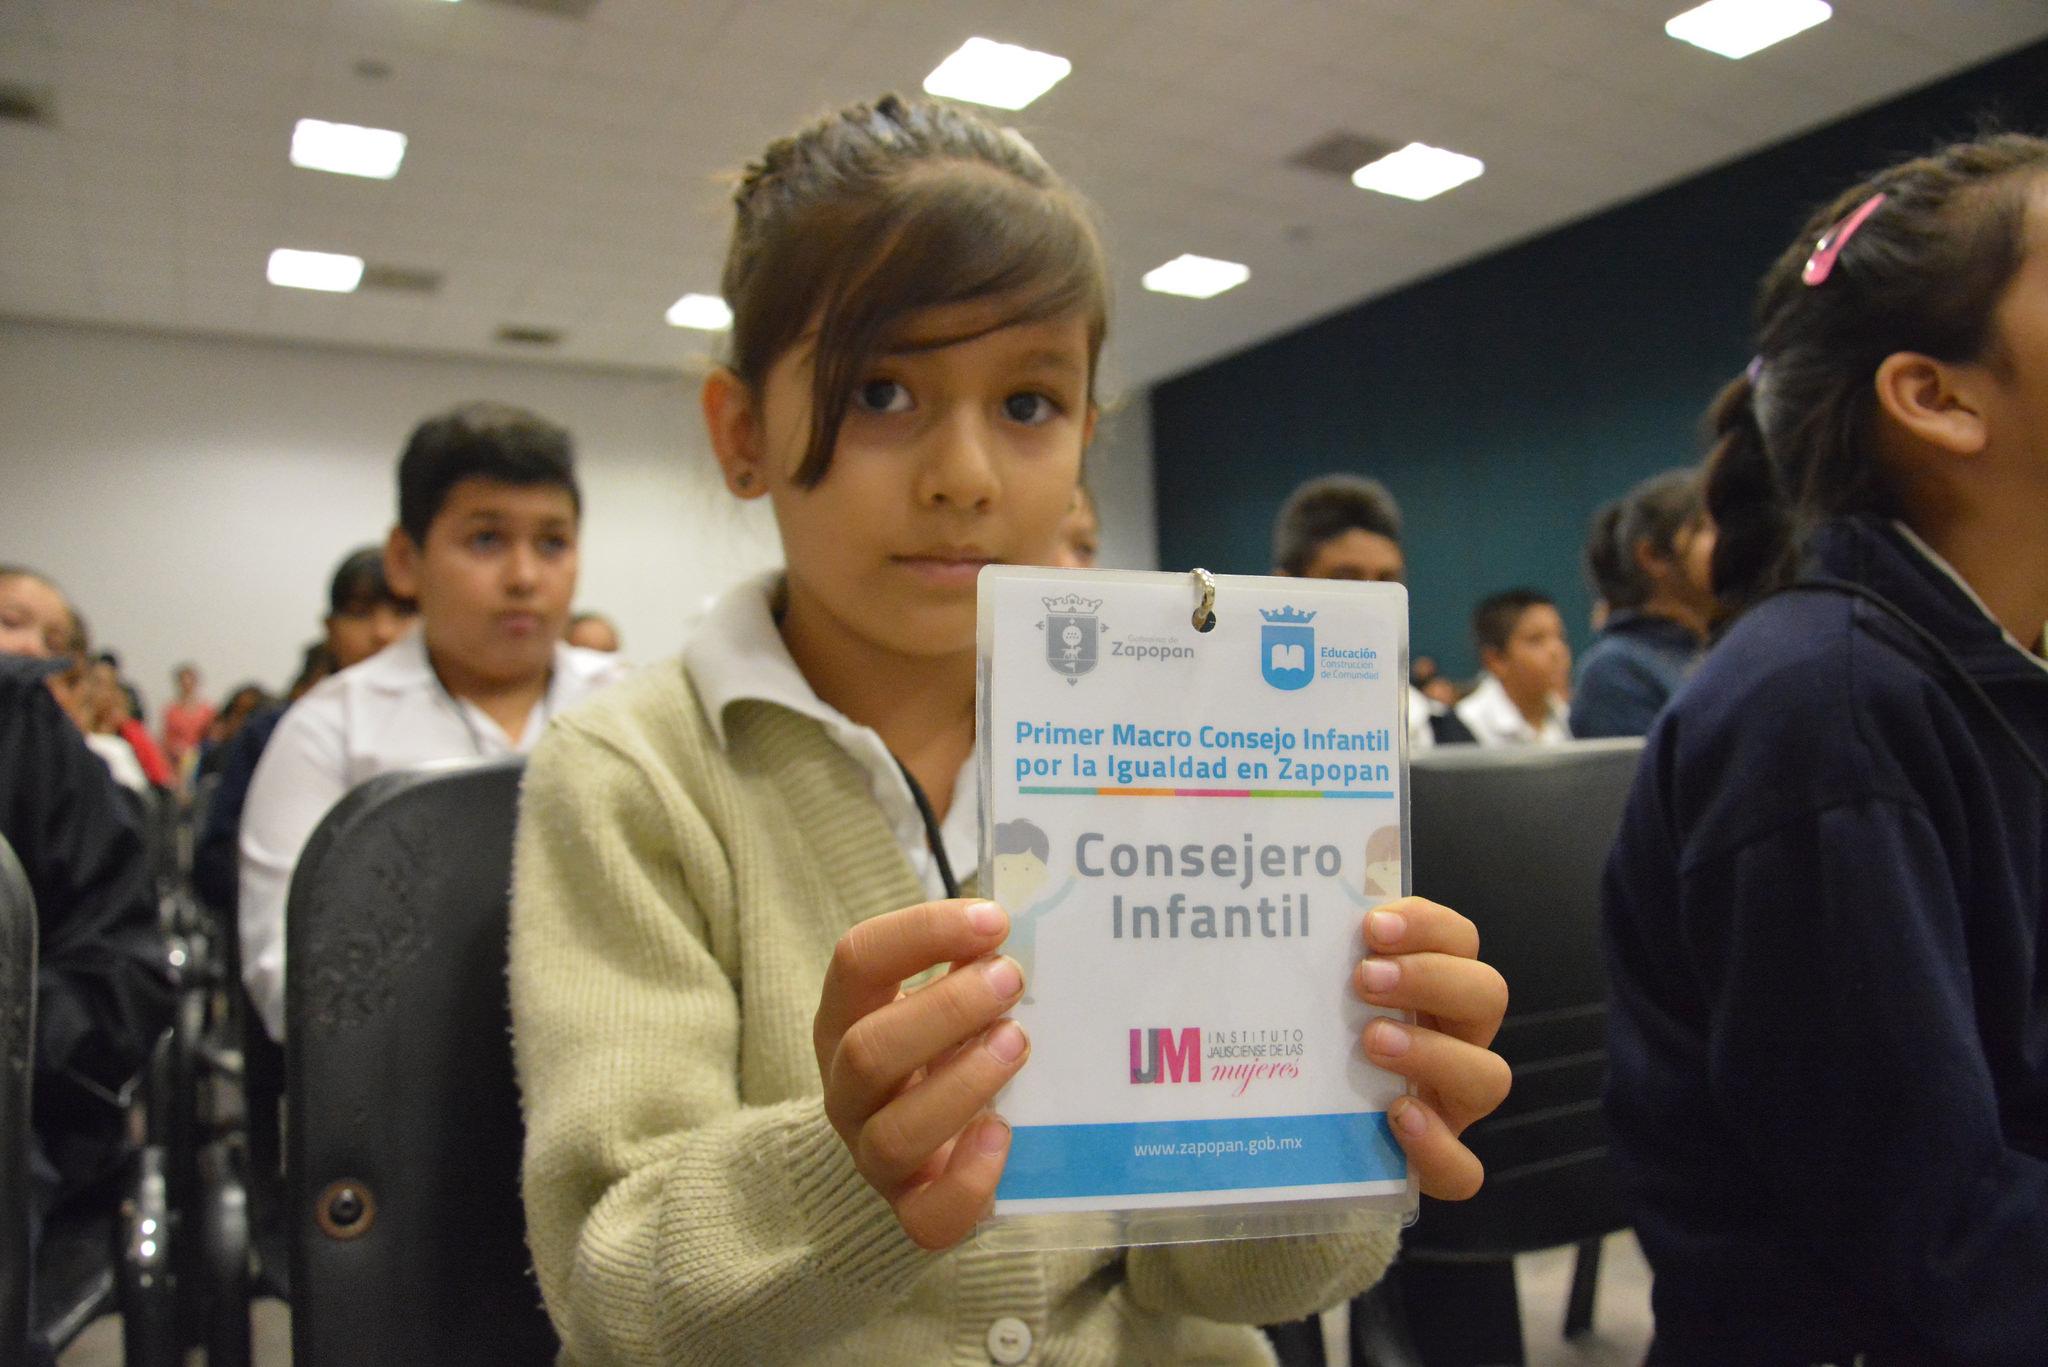 Toma protesta en Zapopan el Primer Macroconsejo Infantil por la Igualdad en Zapopan